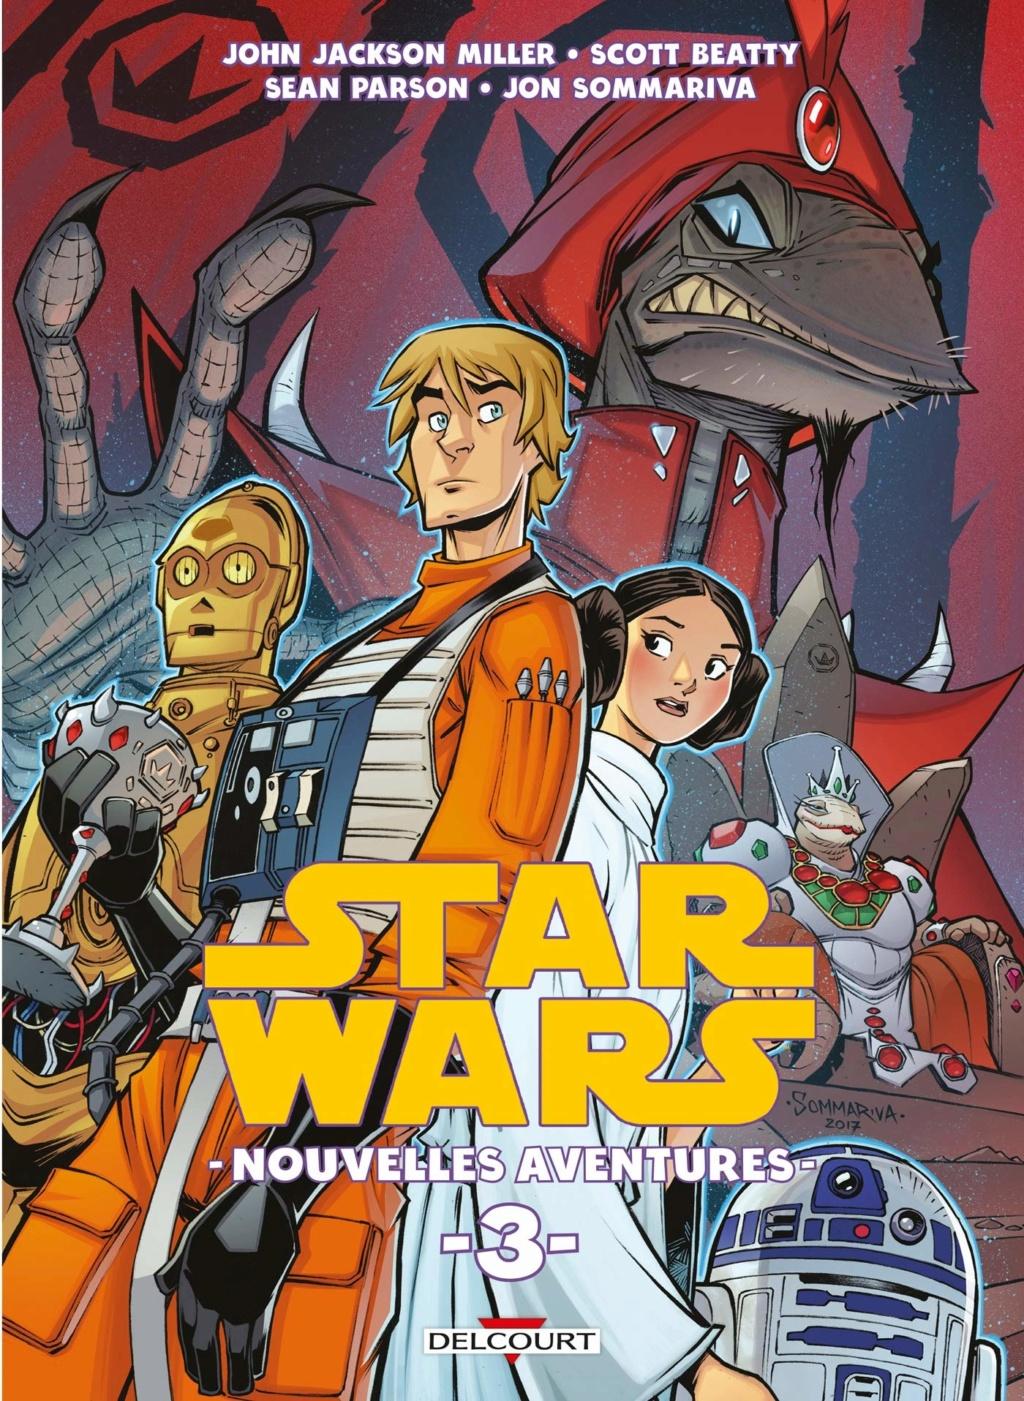 Star Wars Nouvelles Aventures Tome 03 - DELCOURT Sw_nou13